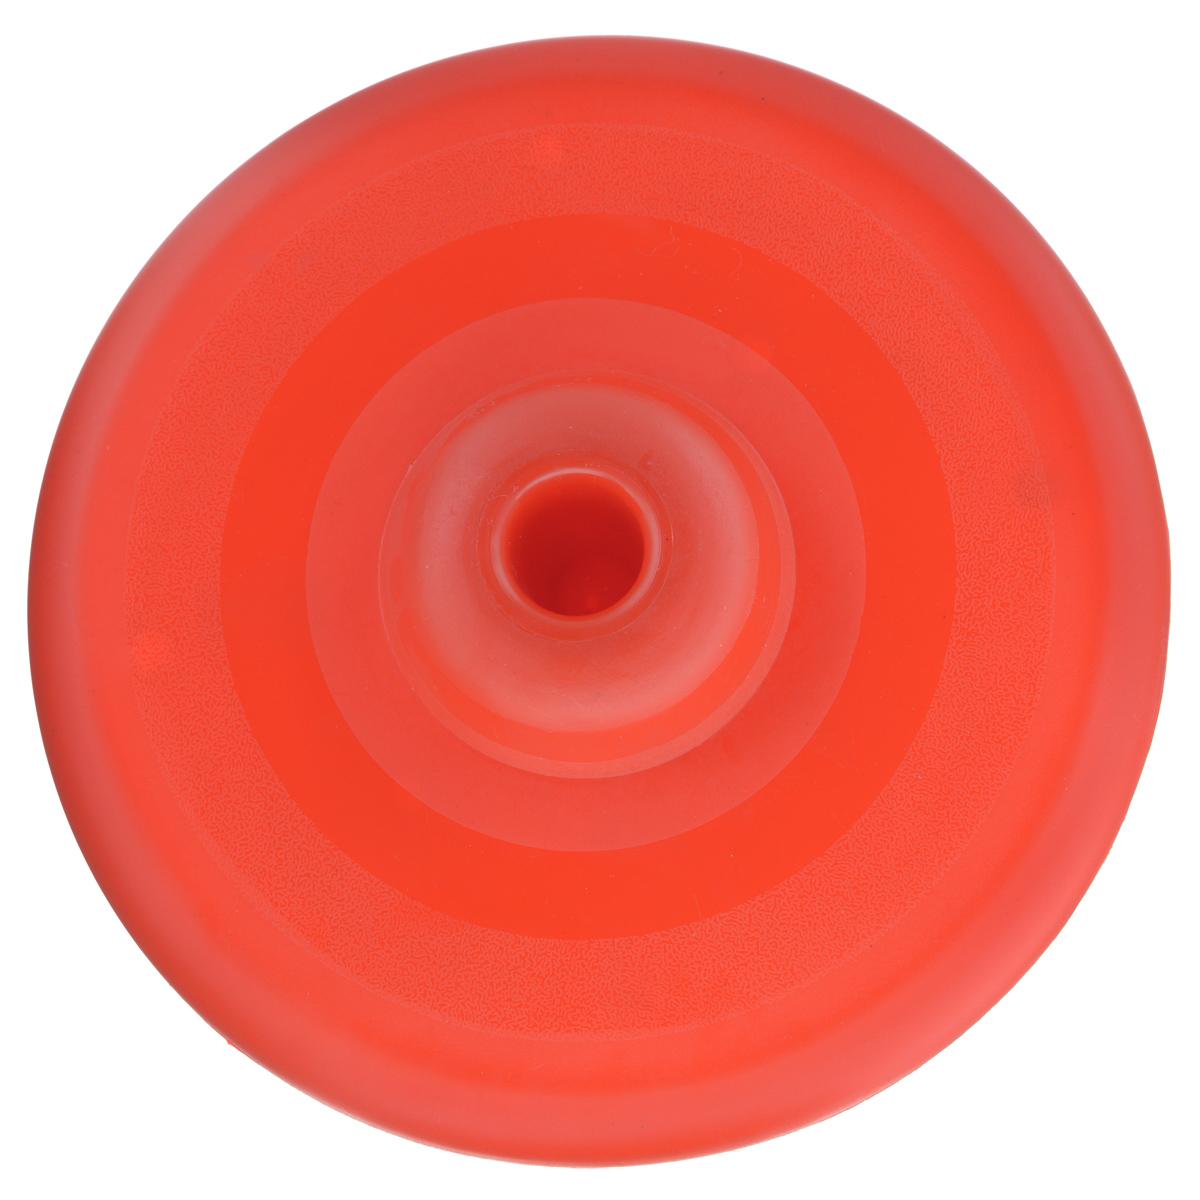 Игрушка для собак I.P.T.S. Фрисби, цвет: красный, диаметр 22 см0120710Игрушка I.P.T.S. Фрисби, выполненная из пластика, отлично подойдет для совместных игр хозяина и собаки. Игрушка не повреждает десны питомца. Совместные игры укрепляют взаимоотношение и понимание. Давая новую игрушку вашему питомцу, не оставляйте животное без присмотра, не убедившись, что собака не может разгрызть данную игрушку. Диаметр: 22 см.